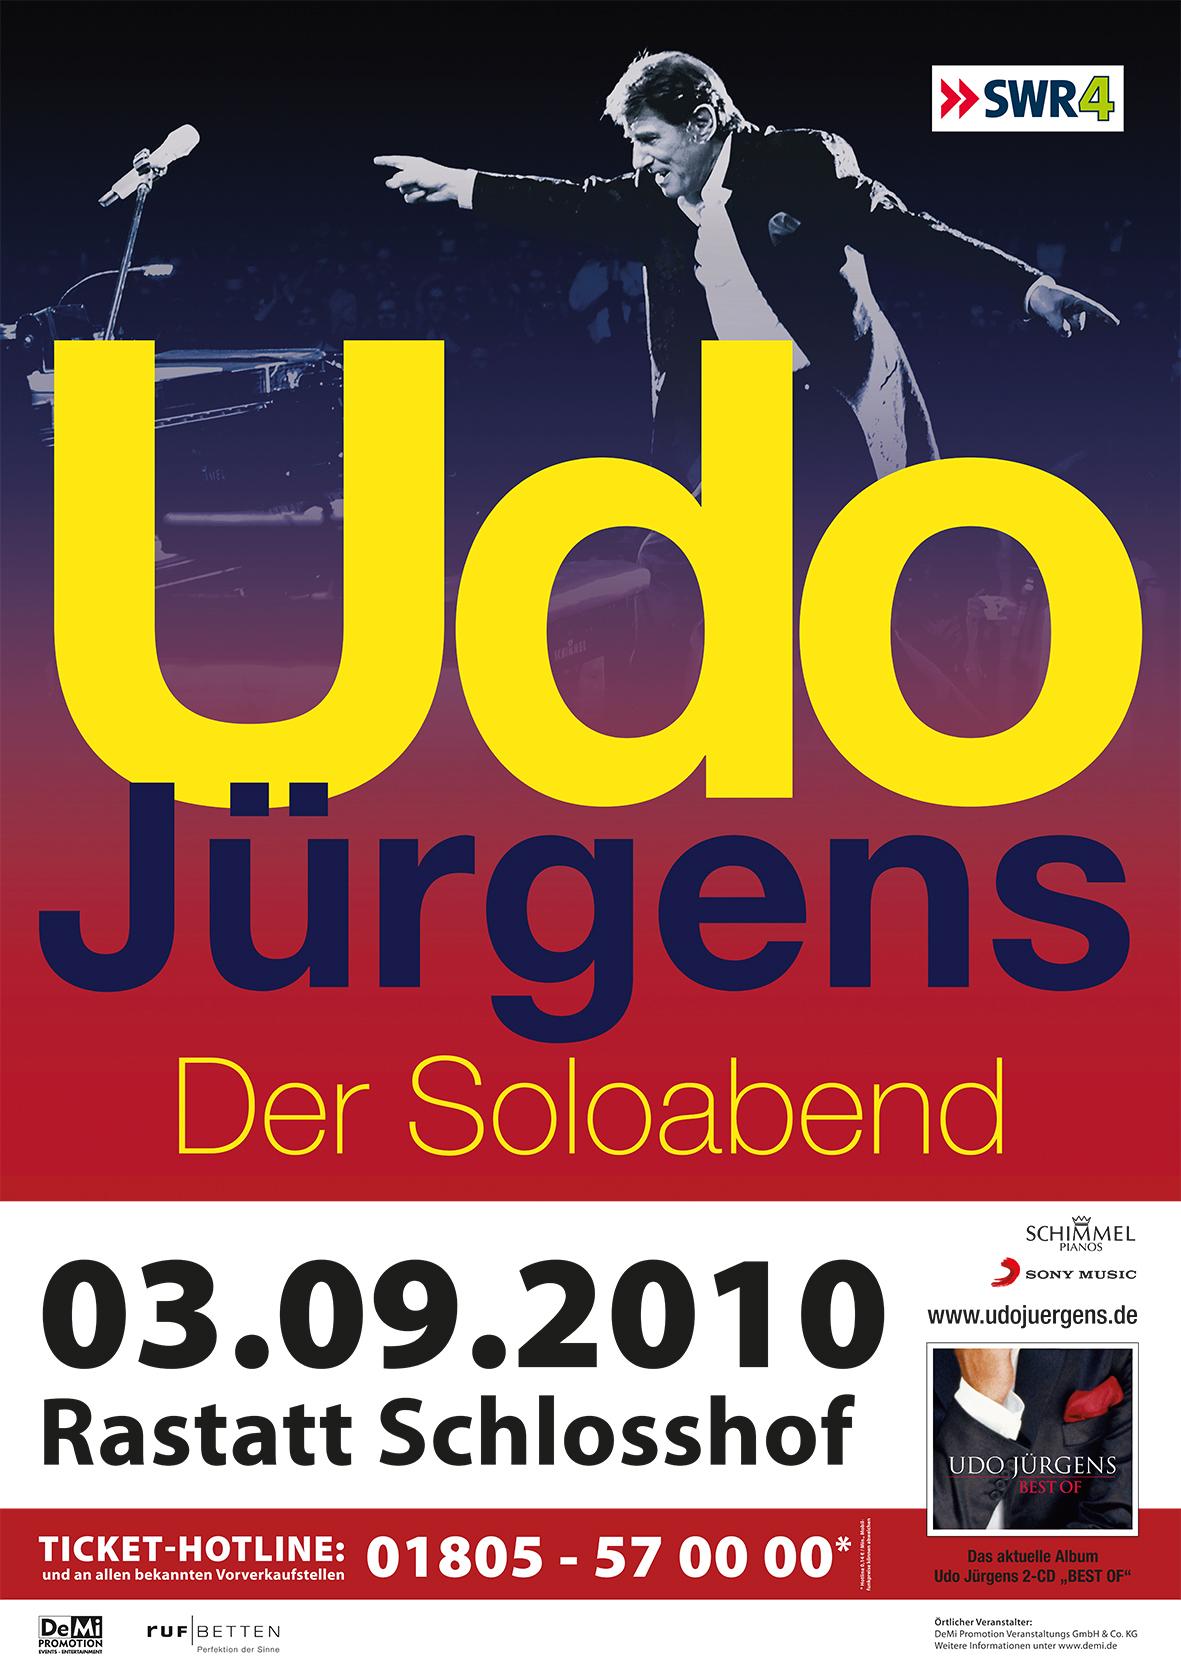 UdoJuergens_03.09._Rastatt